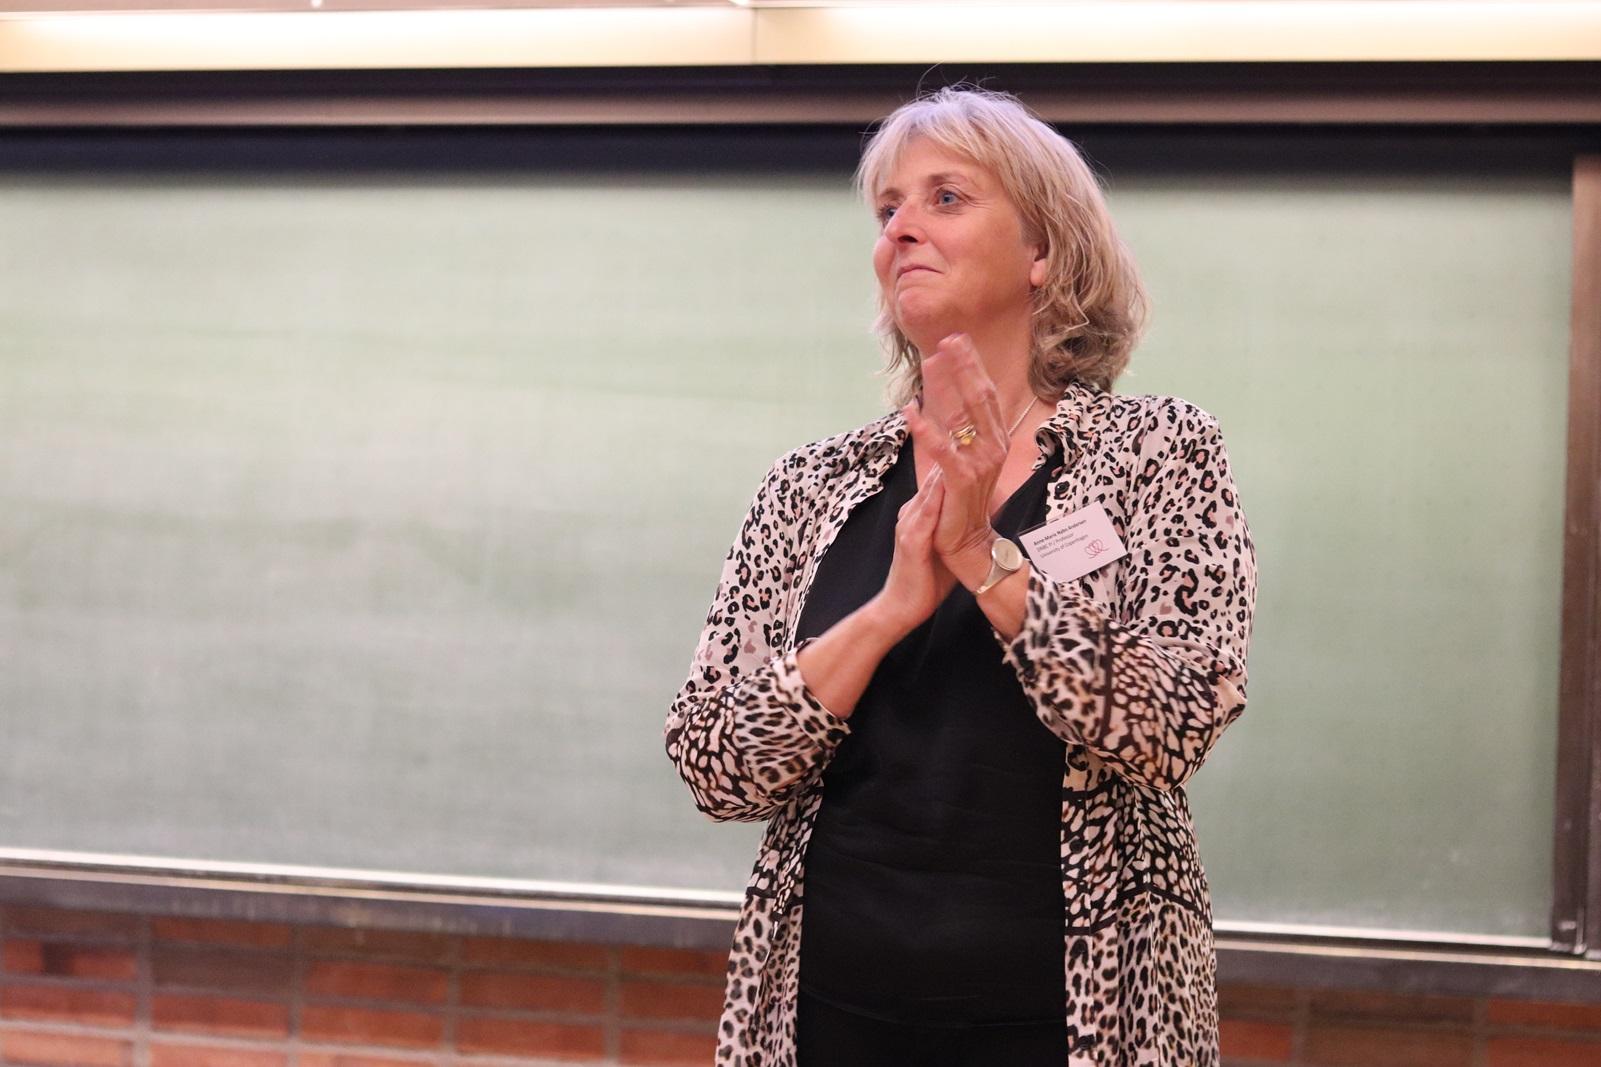 Anne-Marie Nybo Andersen